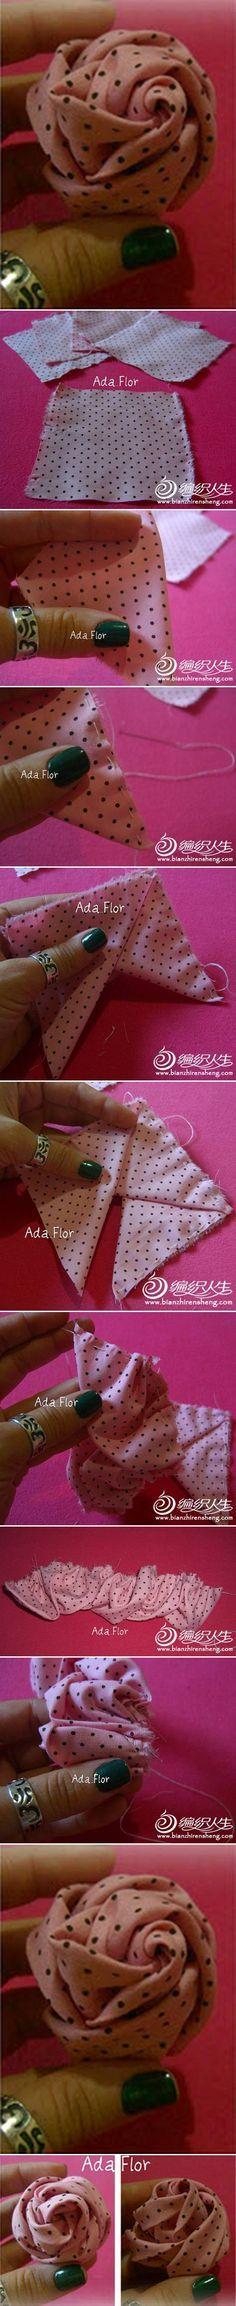 DIY Modular Fabric Rose DIY Projects